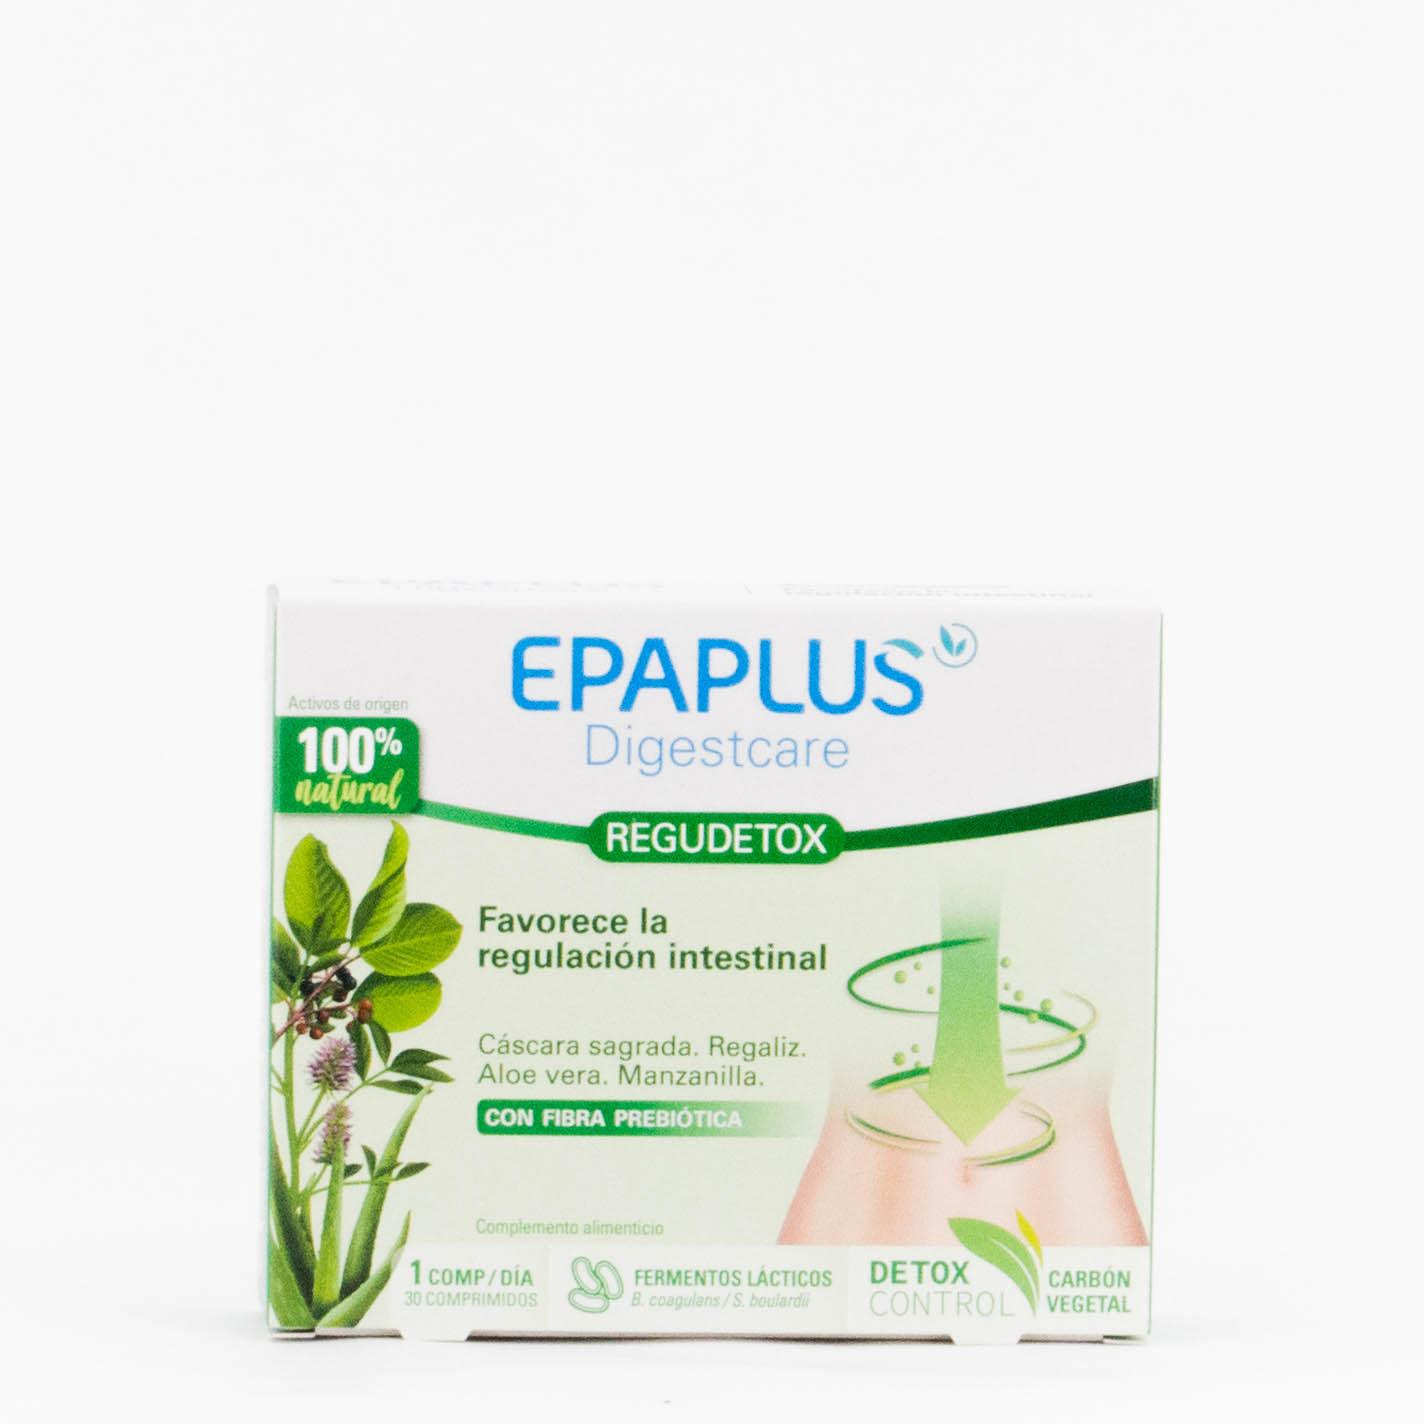 Epaplus Disgetcare Regudetox, 30 comprimidos.